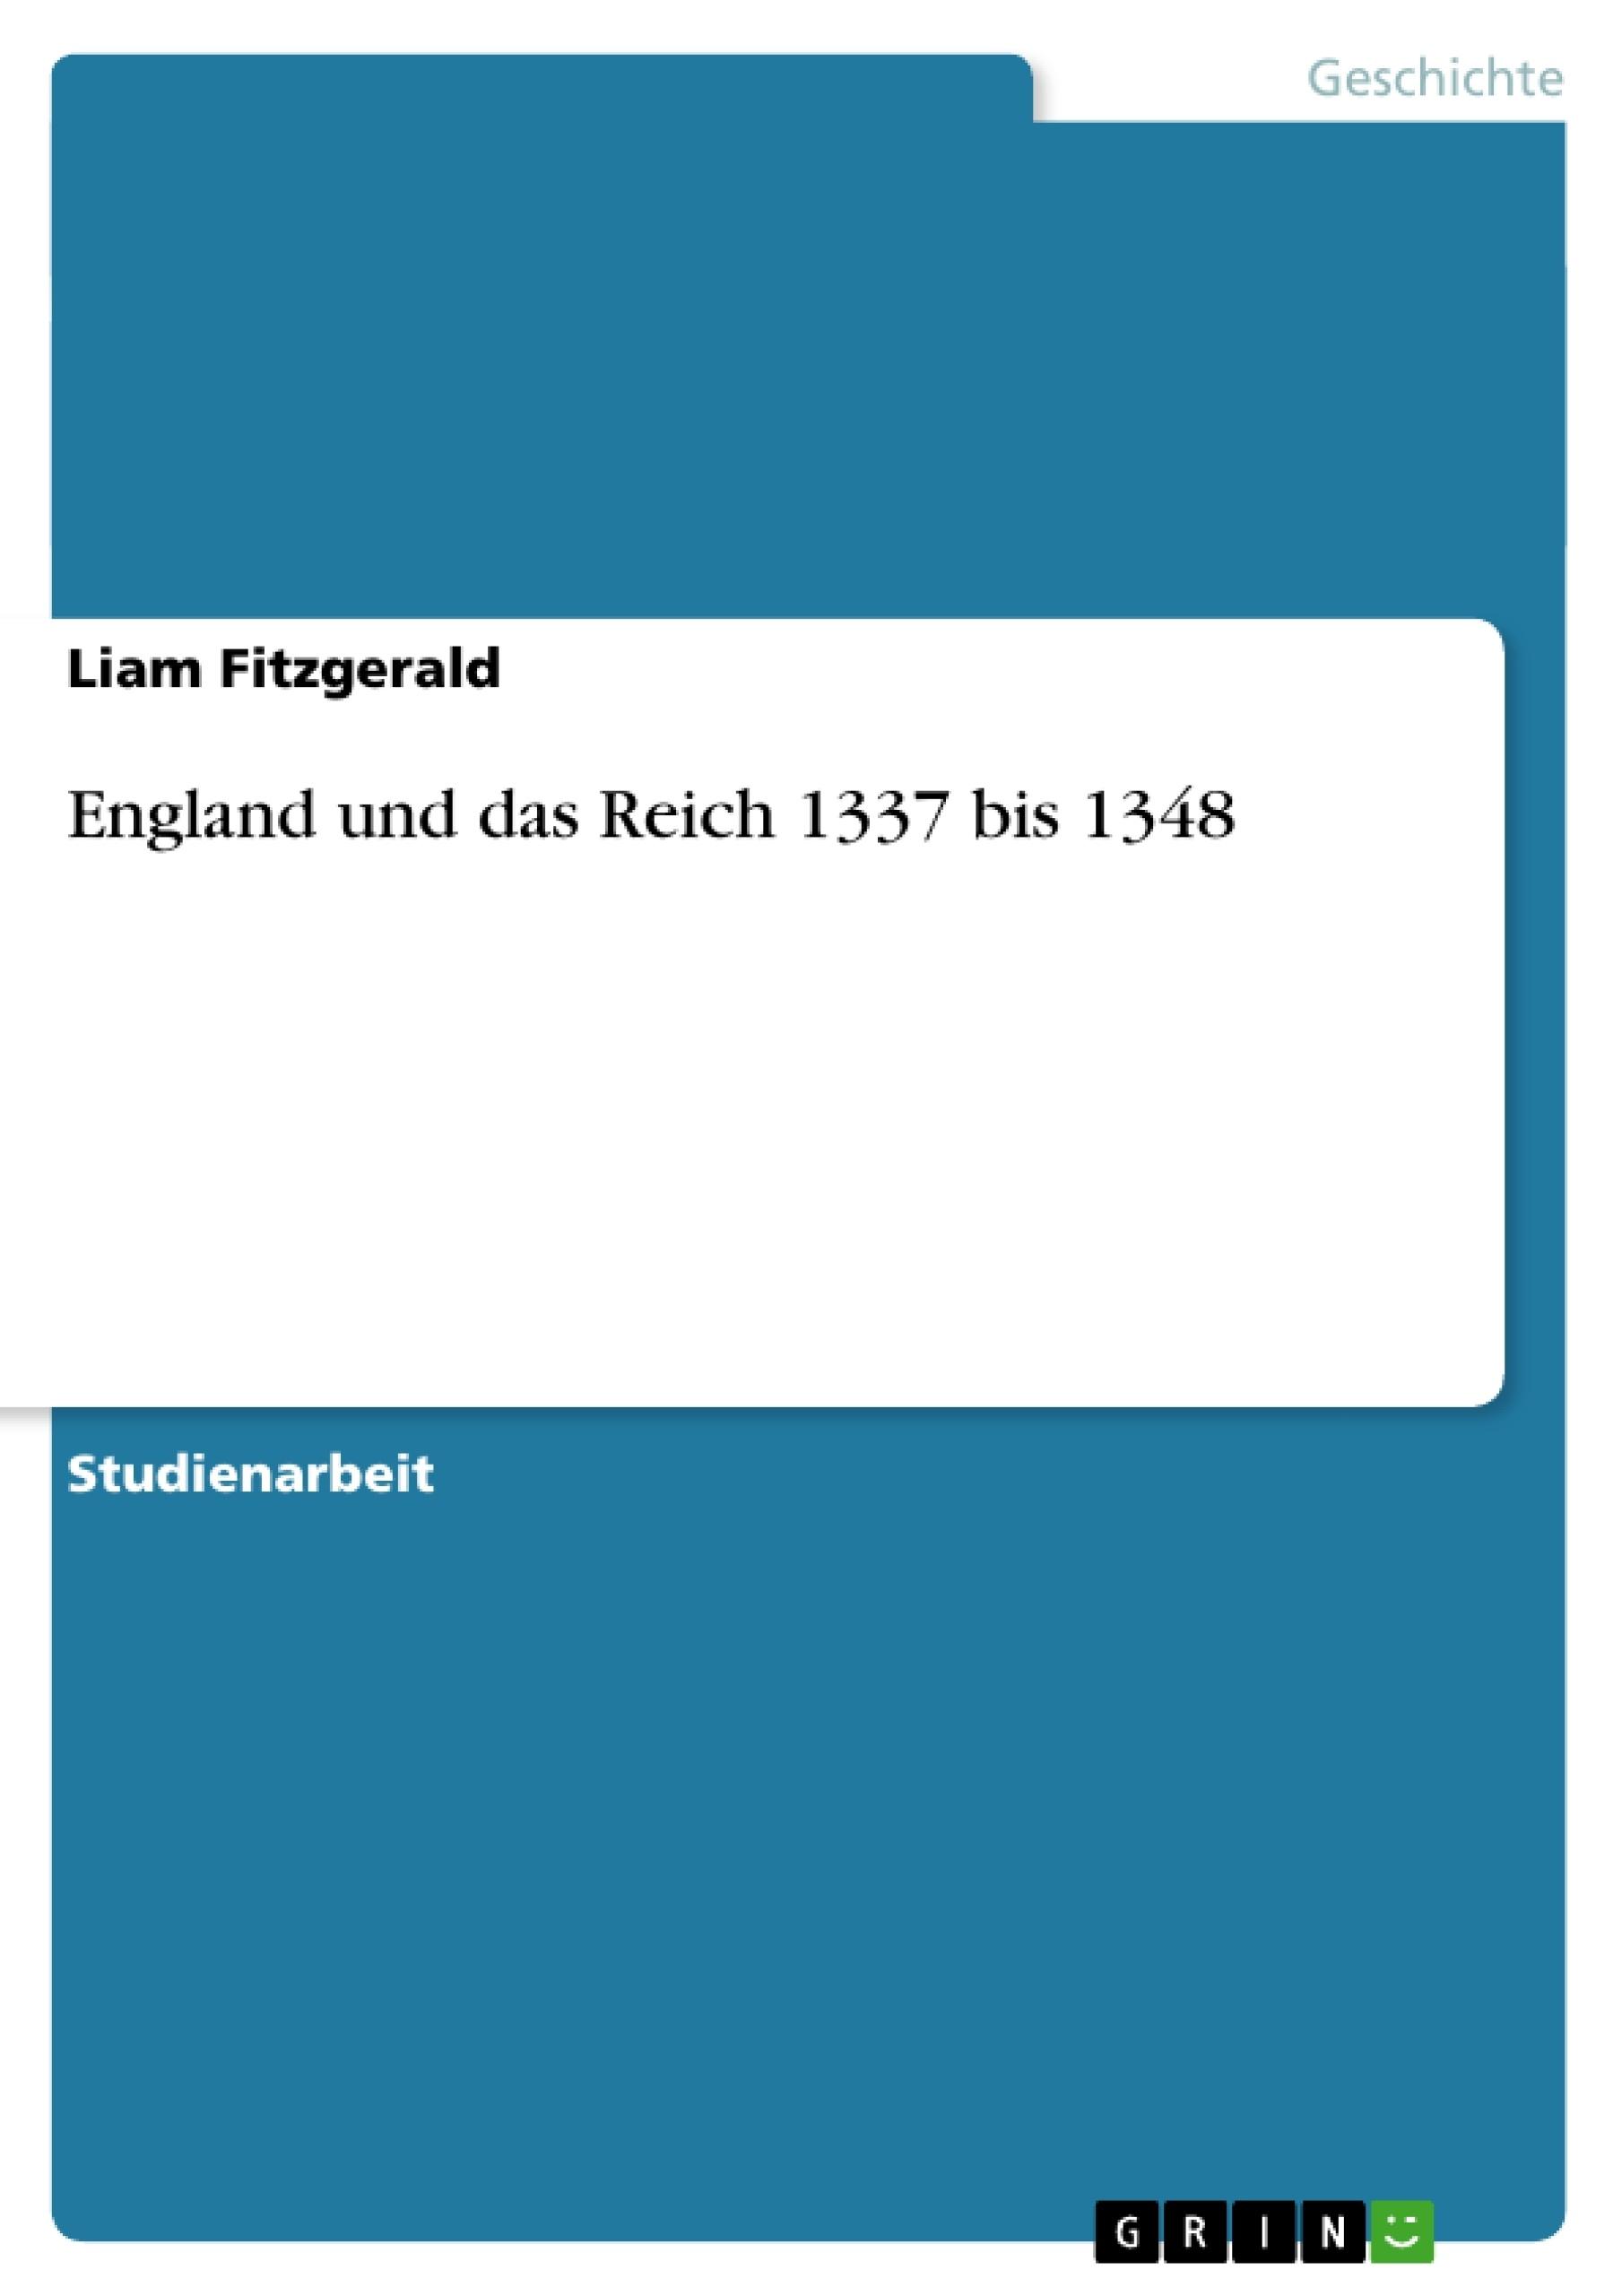 Titel: England und das Reich 1337 bis 1348